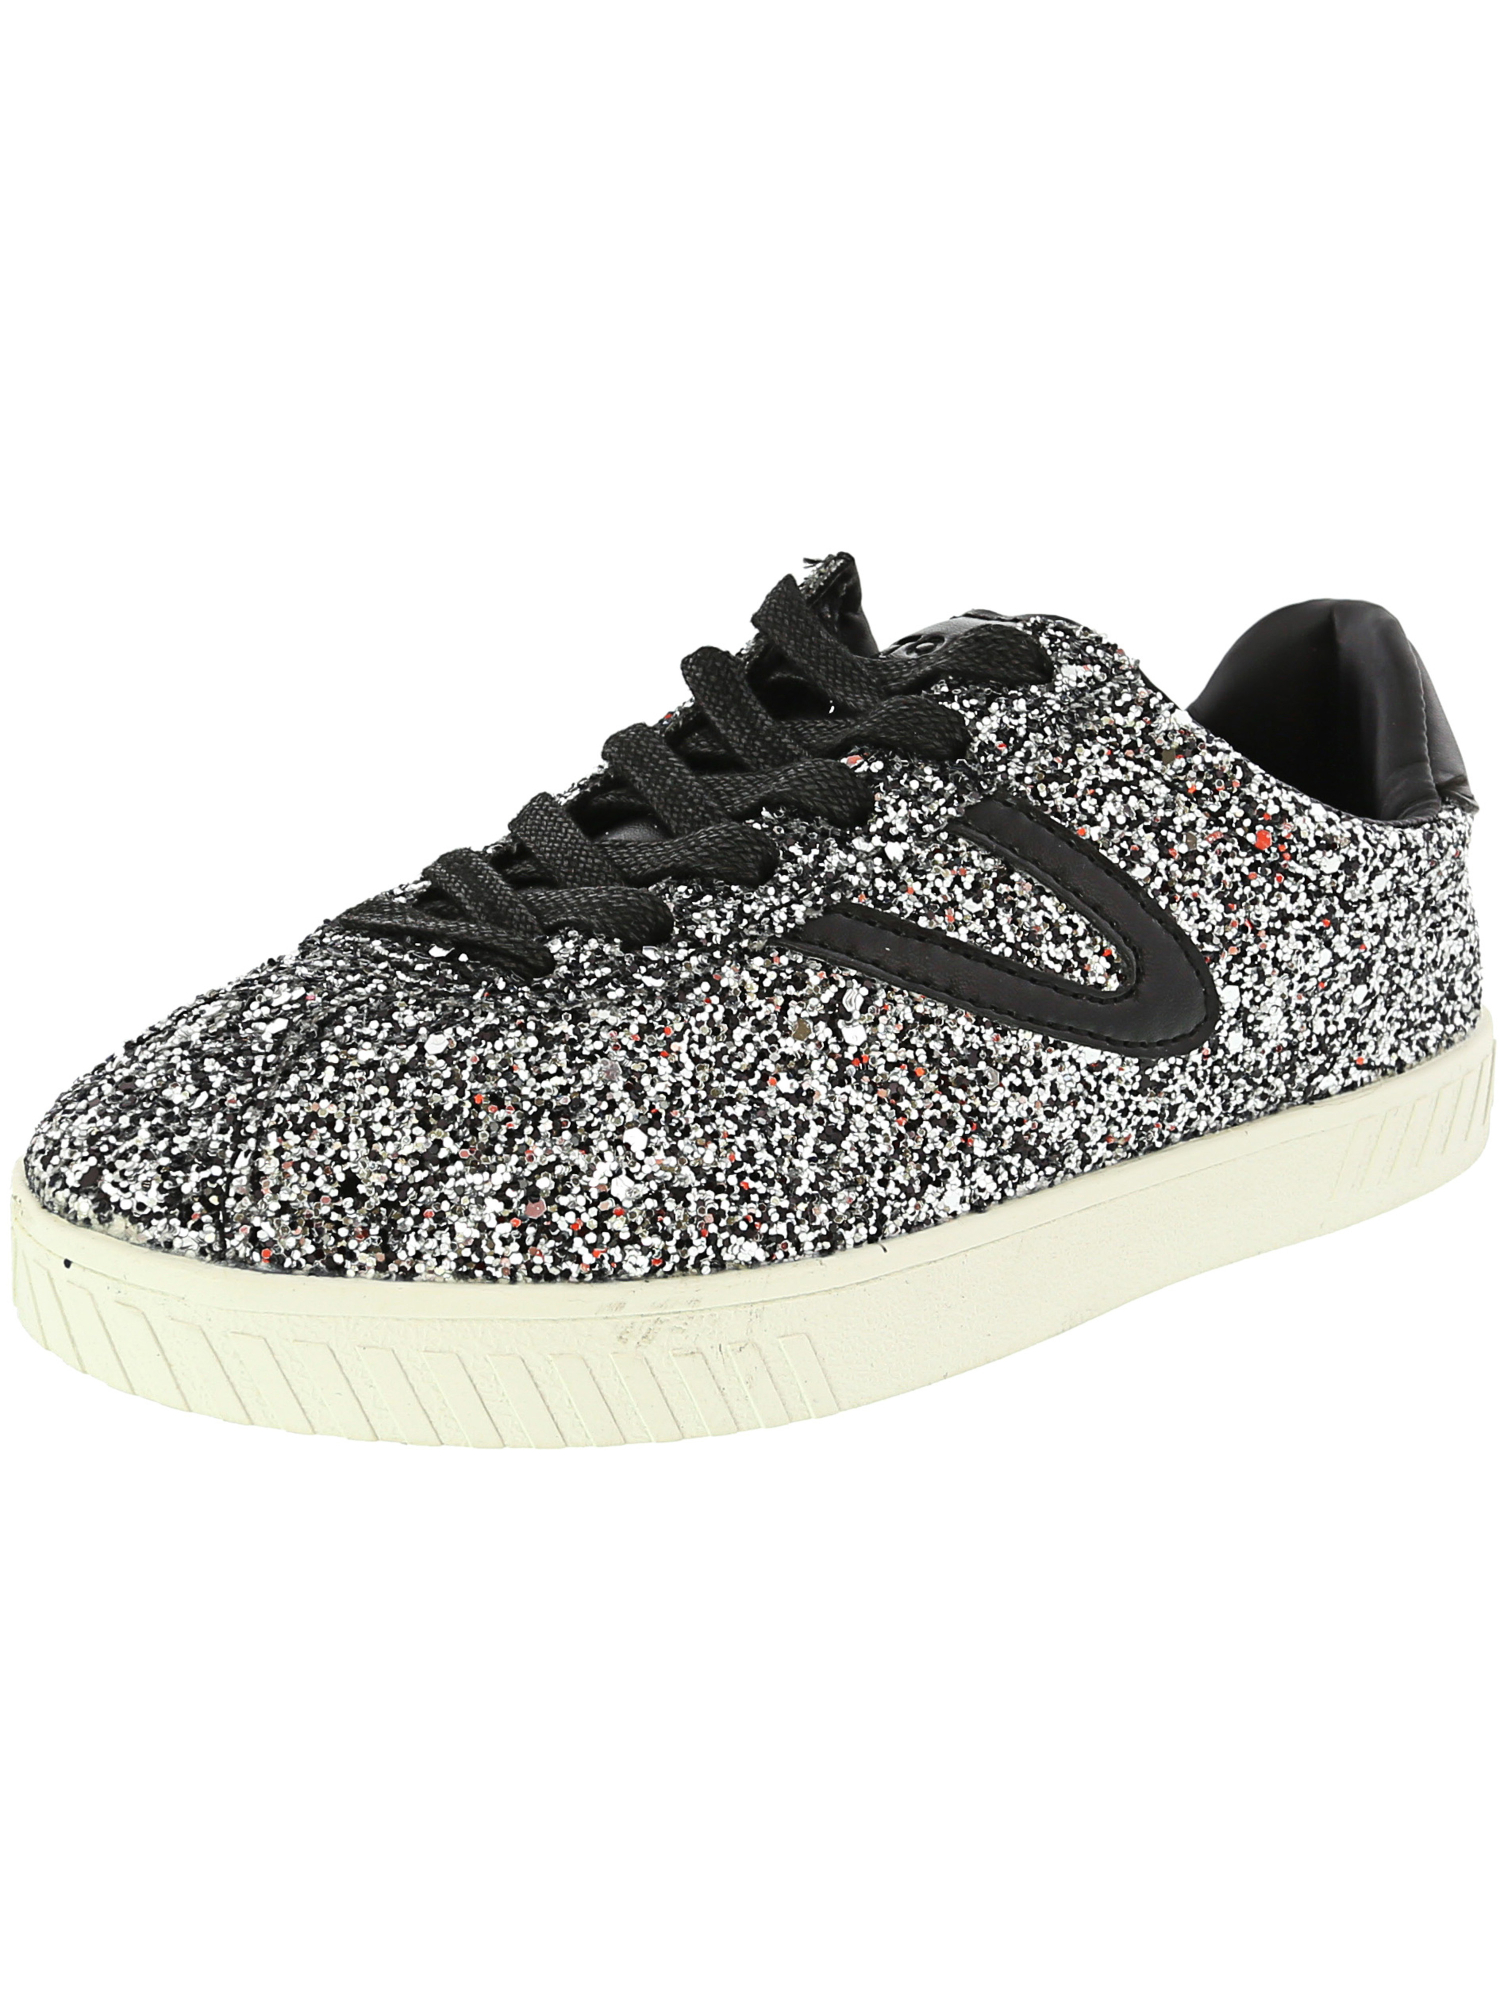 Tretorn Women/'s Camden 5 Glitter Ankle-High Fashion Sneaker